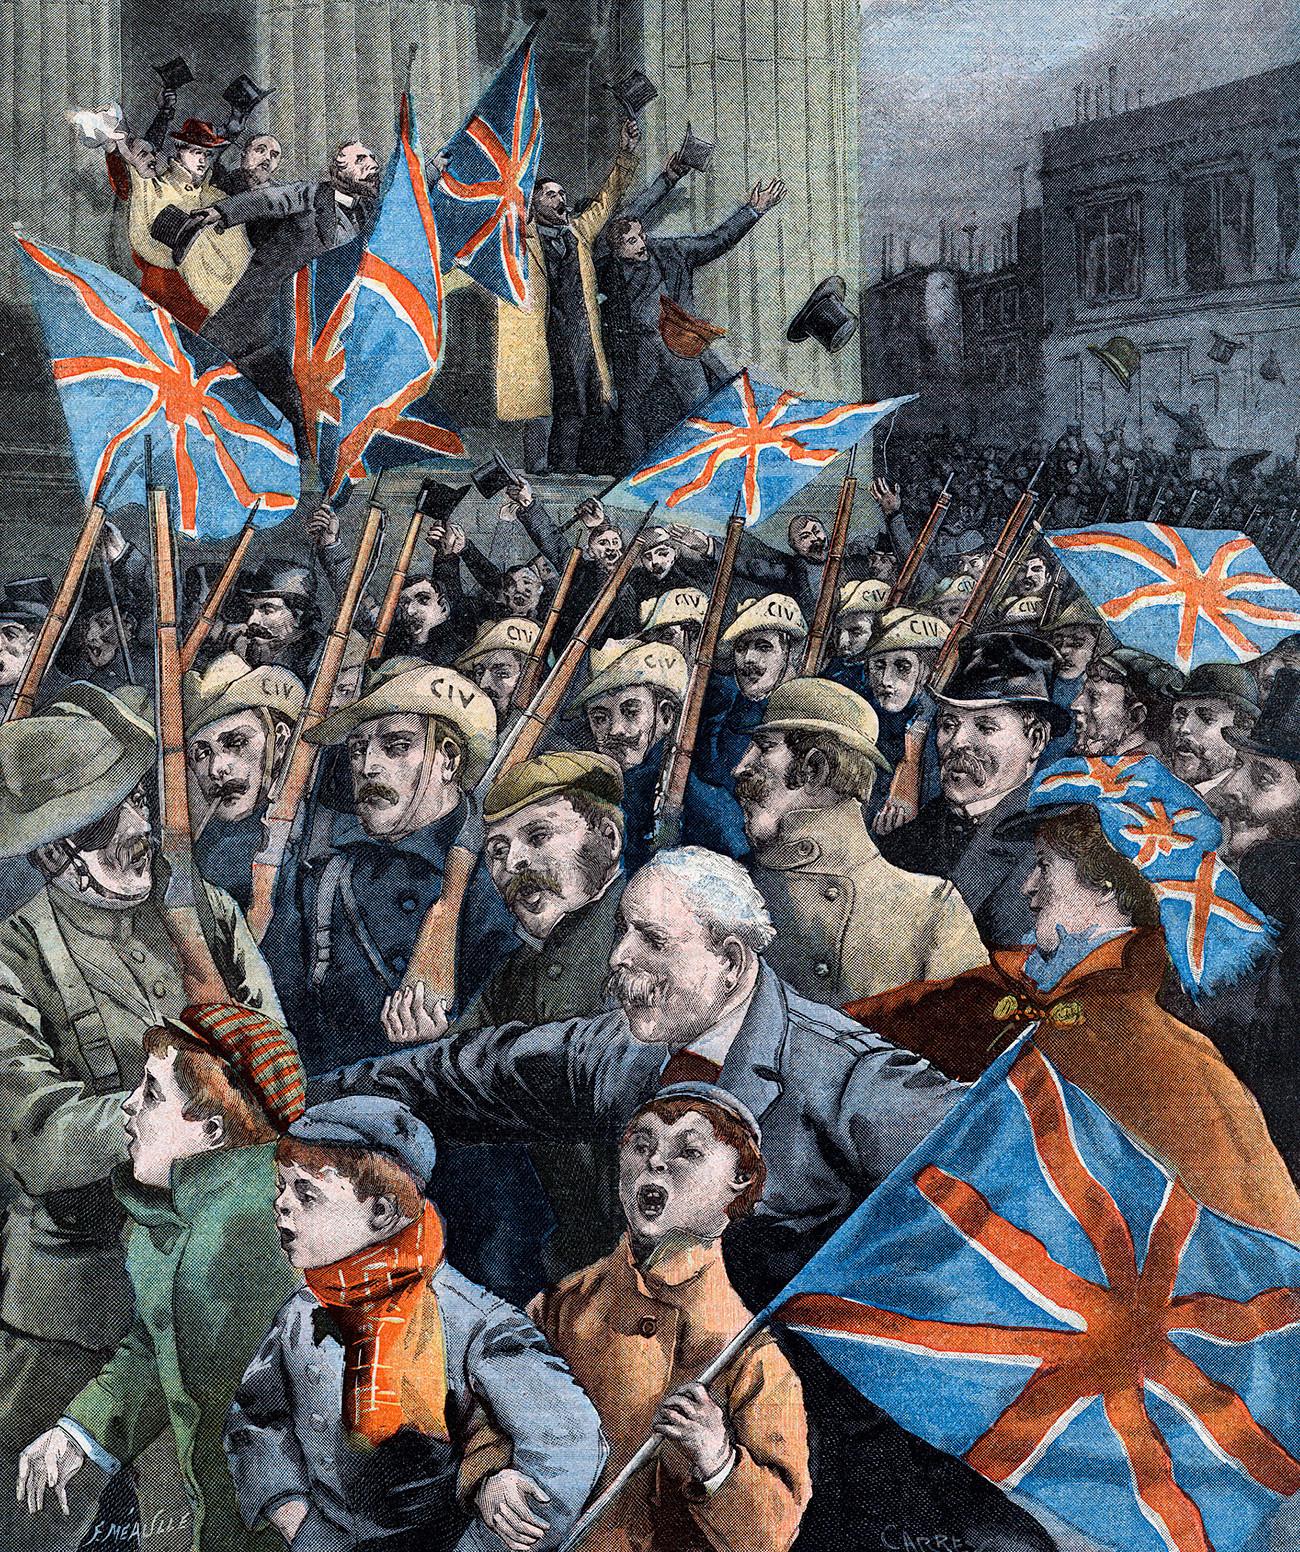 Drugi burski rat u Transvaalu, britanski dobrovoljci se vraćaju iz Anglo-burskog rata.